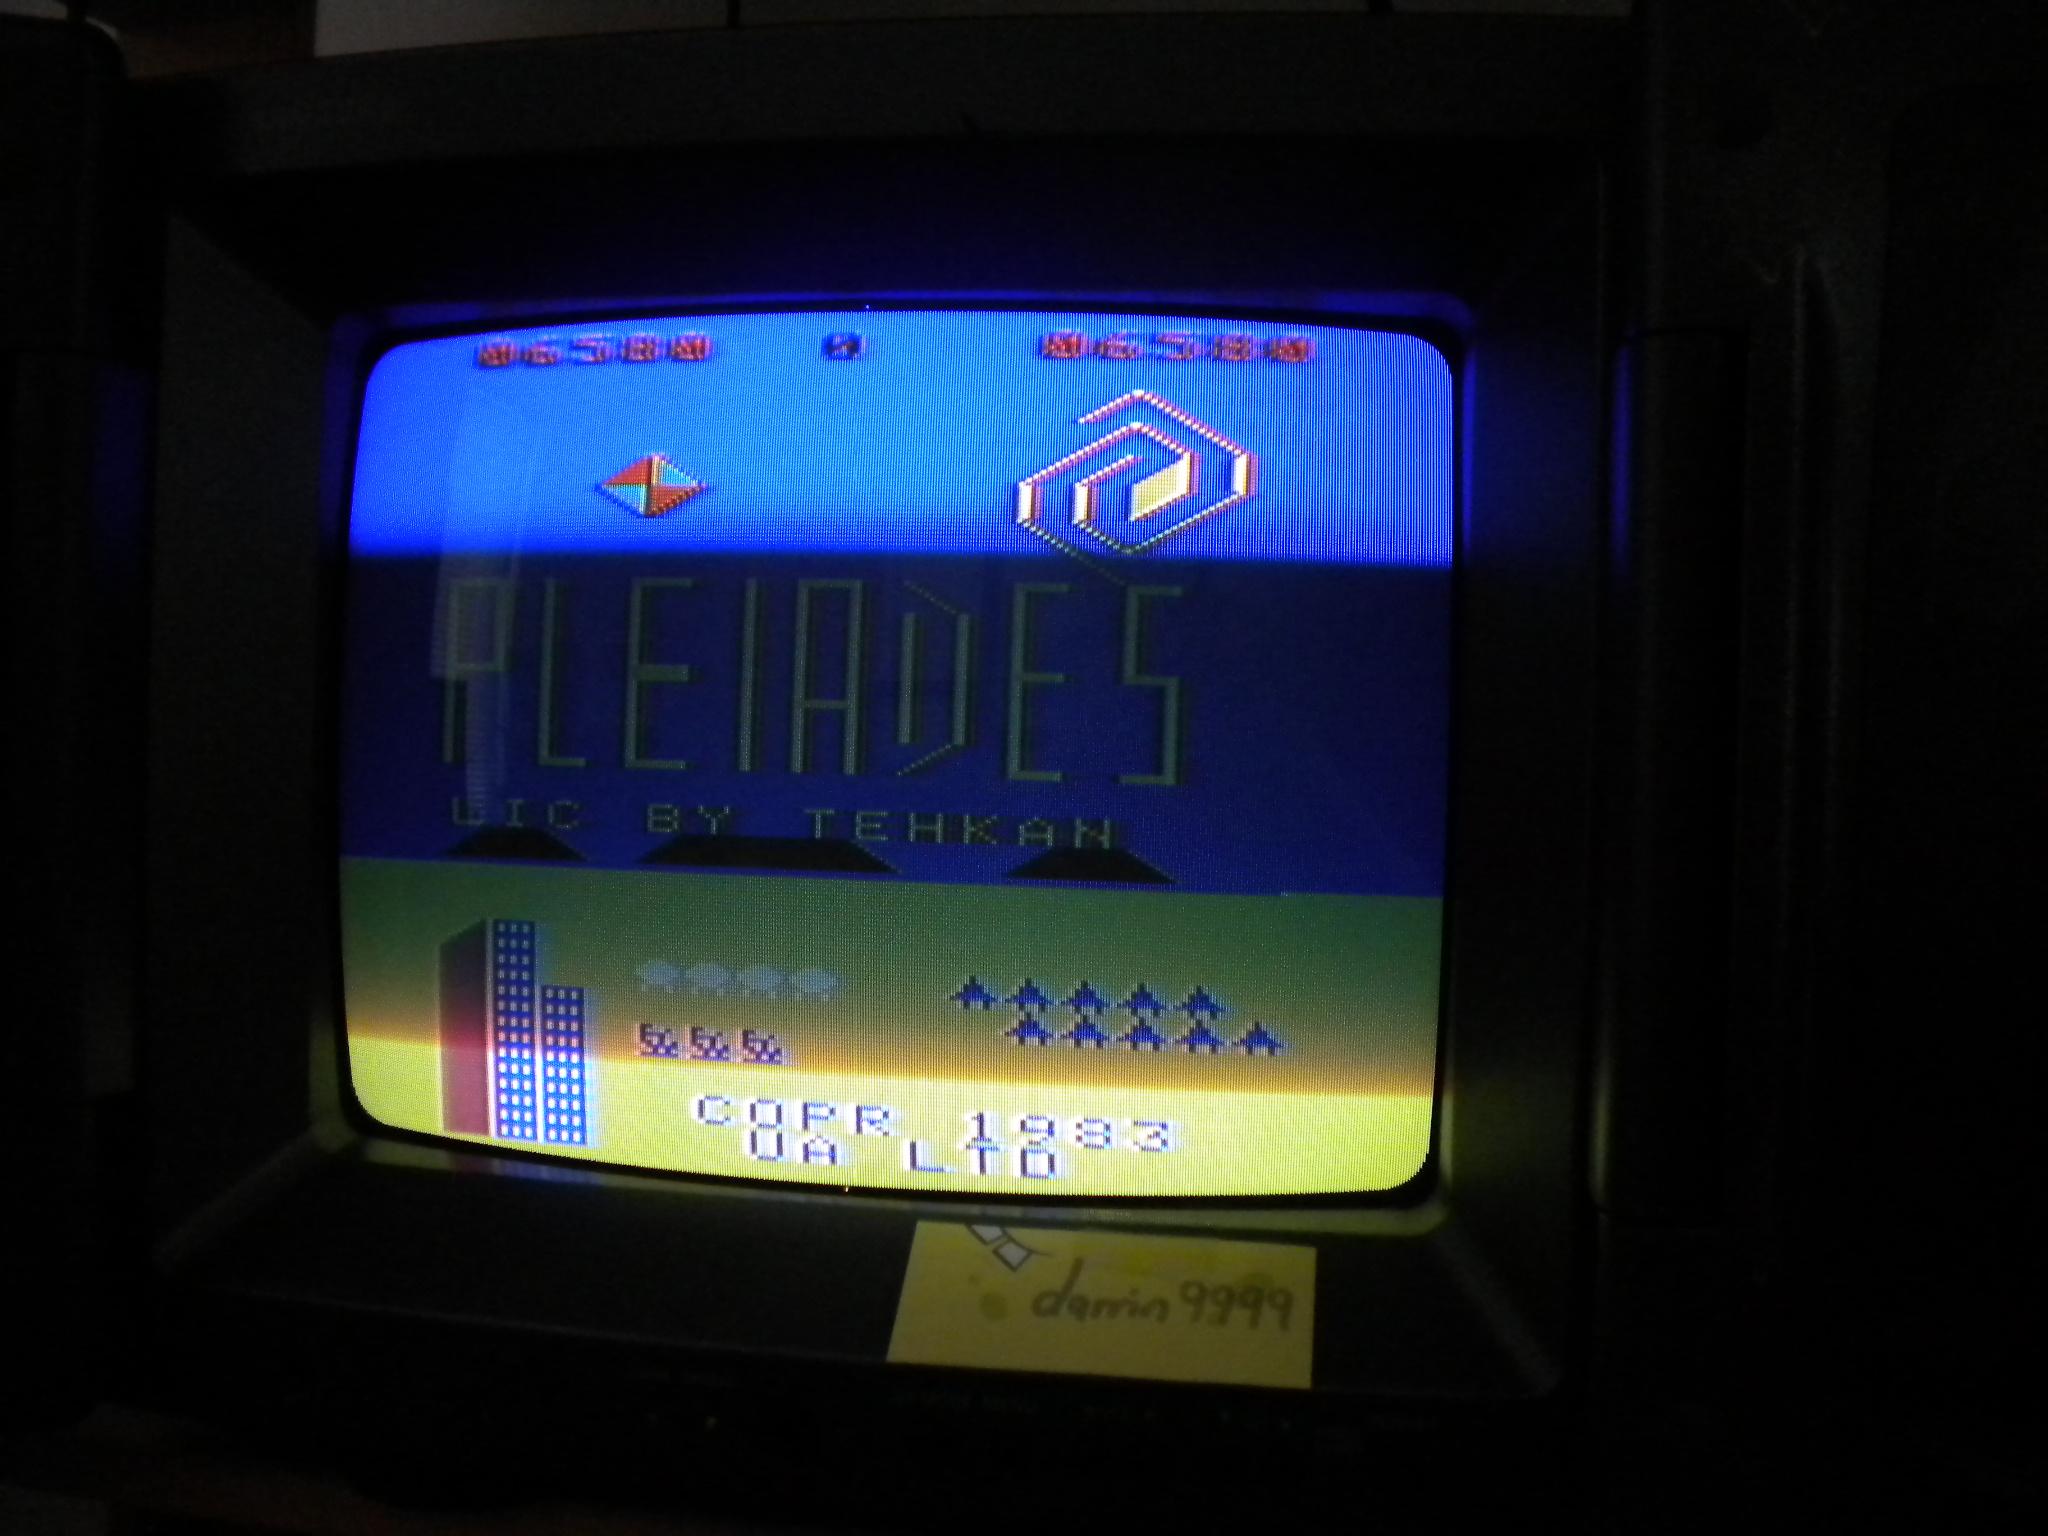 Pleiades 6,580 points